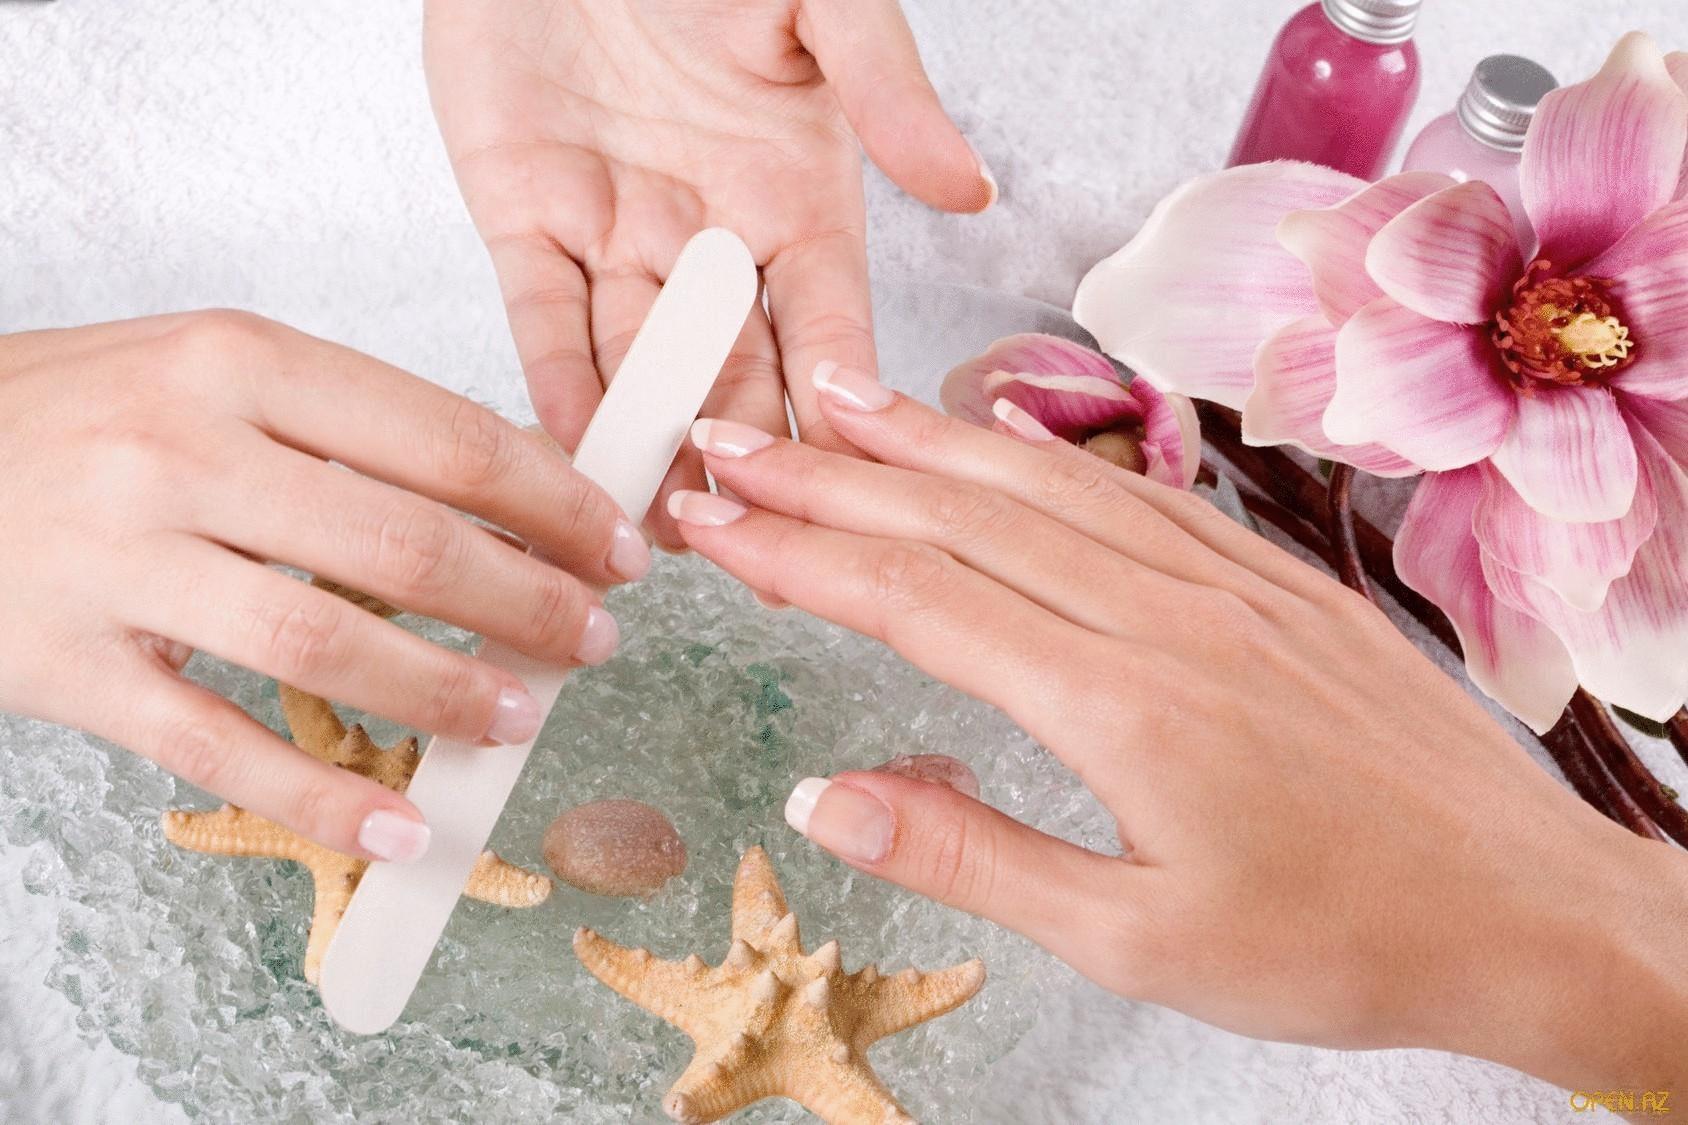 Чем лечить грибок на руках между пальцами фото